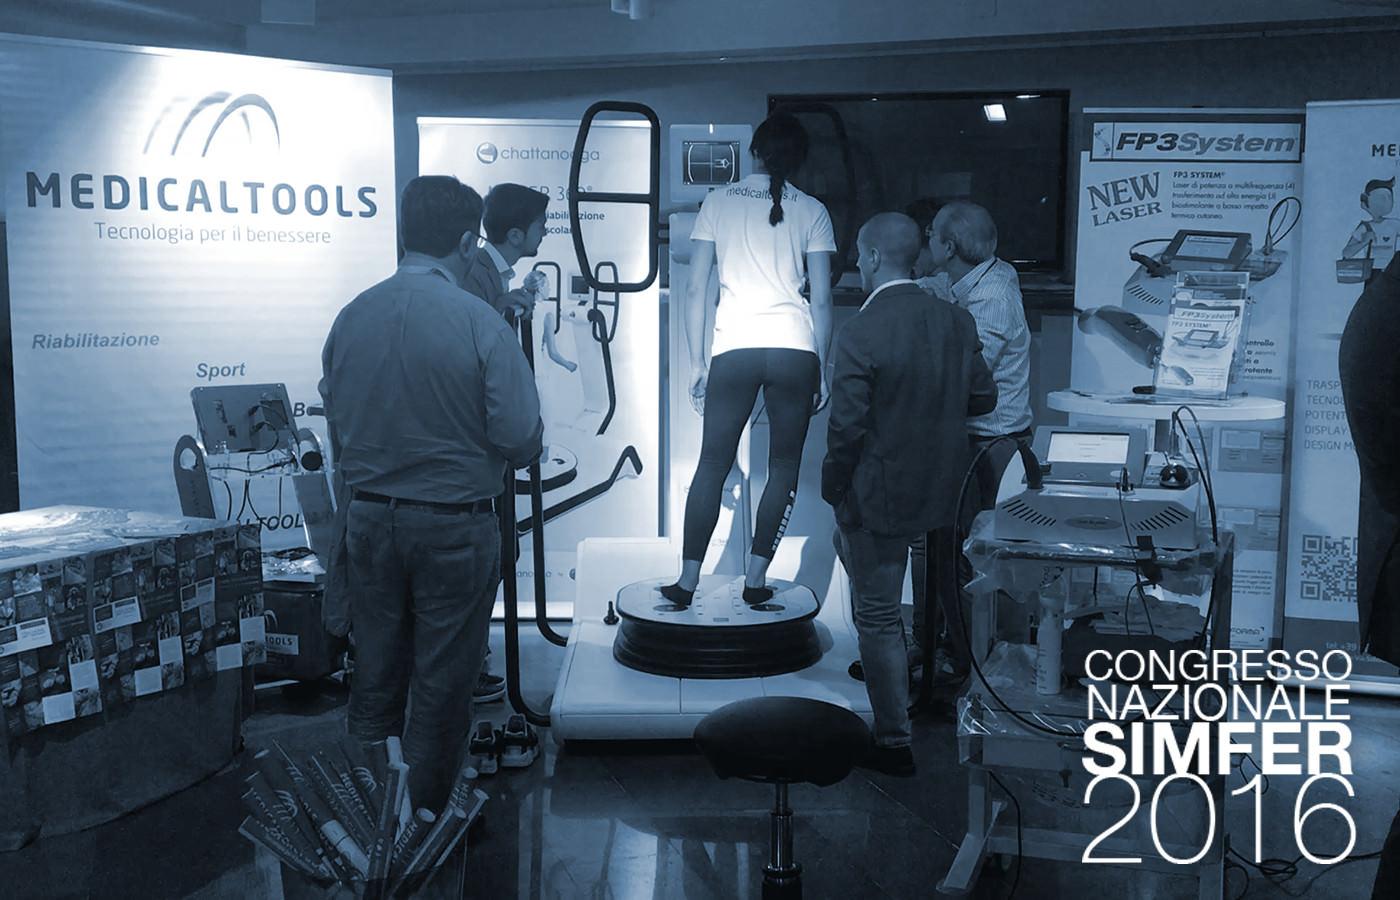 medical-tools-presente-al-simfer-44-congresso-nazionale-le-tecnologie-riabilitative-bari-23-26-ottobre-2016